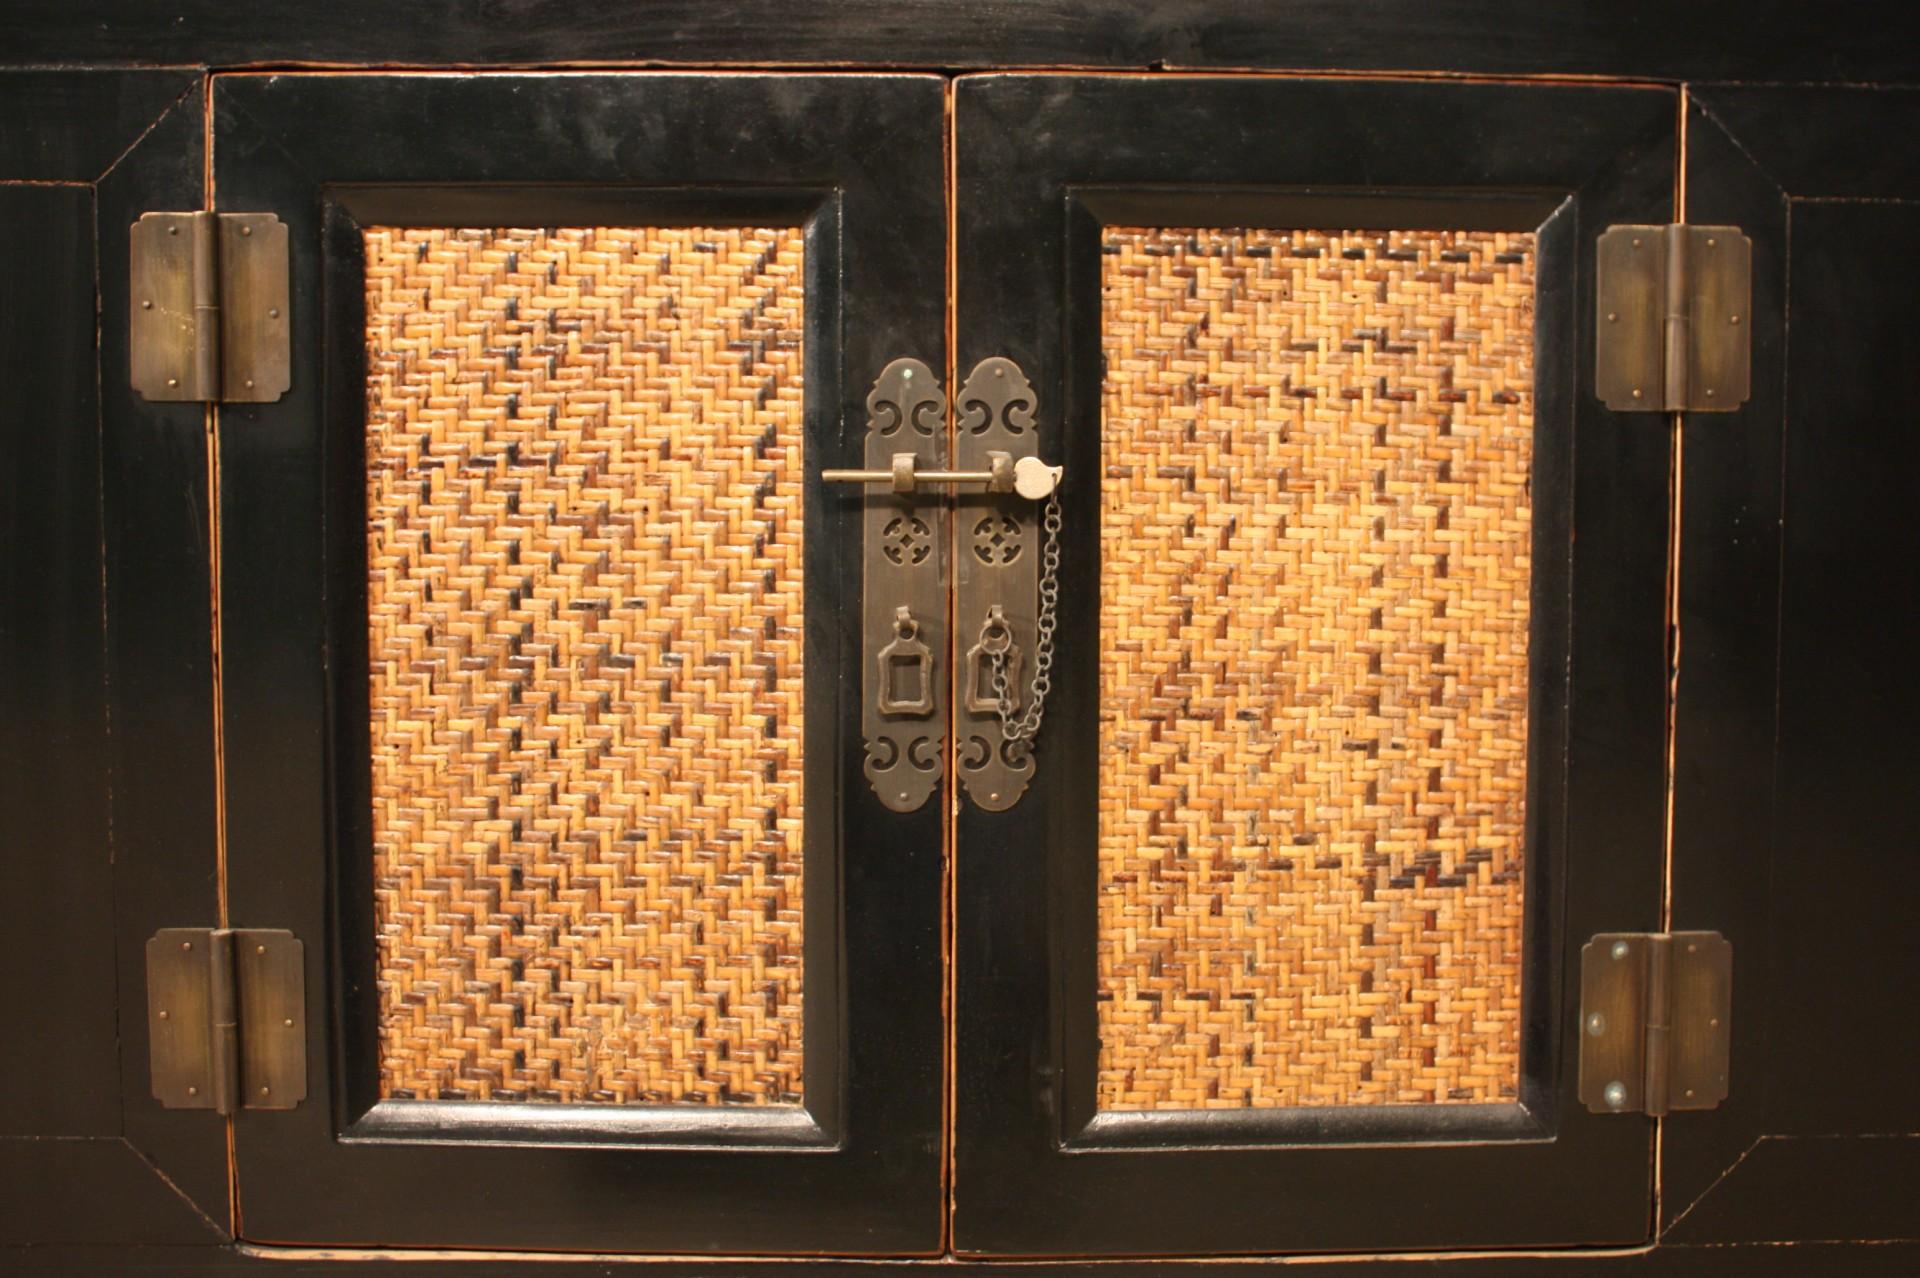 Mobili Cinesi Laccati Neri : Credenza 2 ante 3 cassetti mobile cinese in legno laccato nero stile